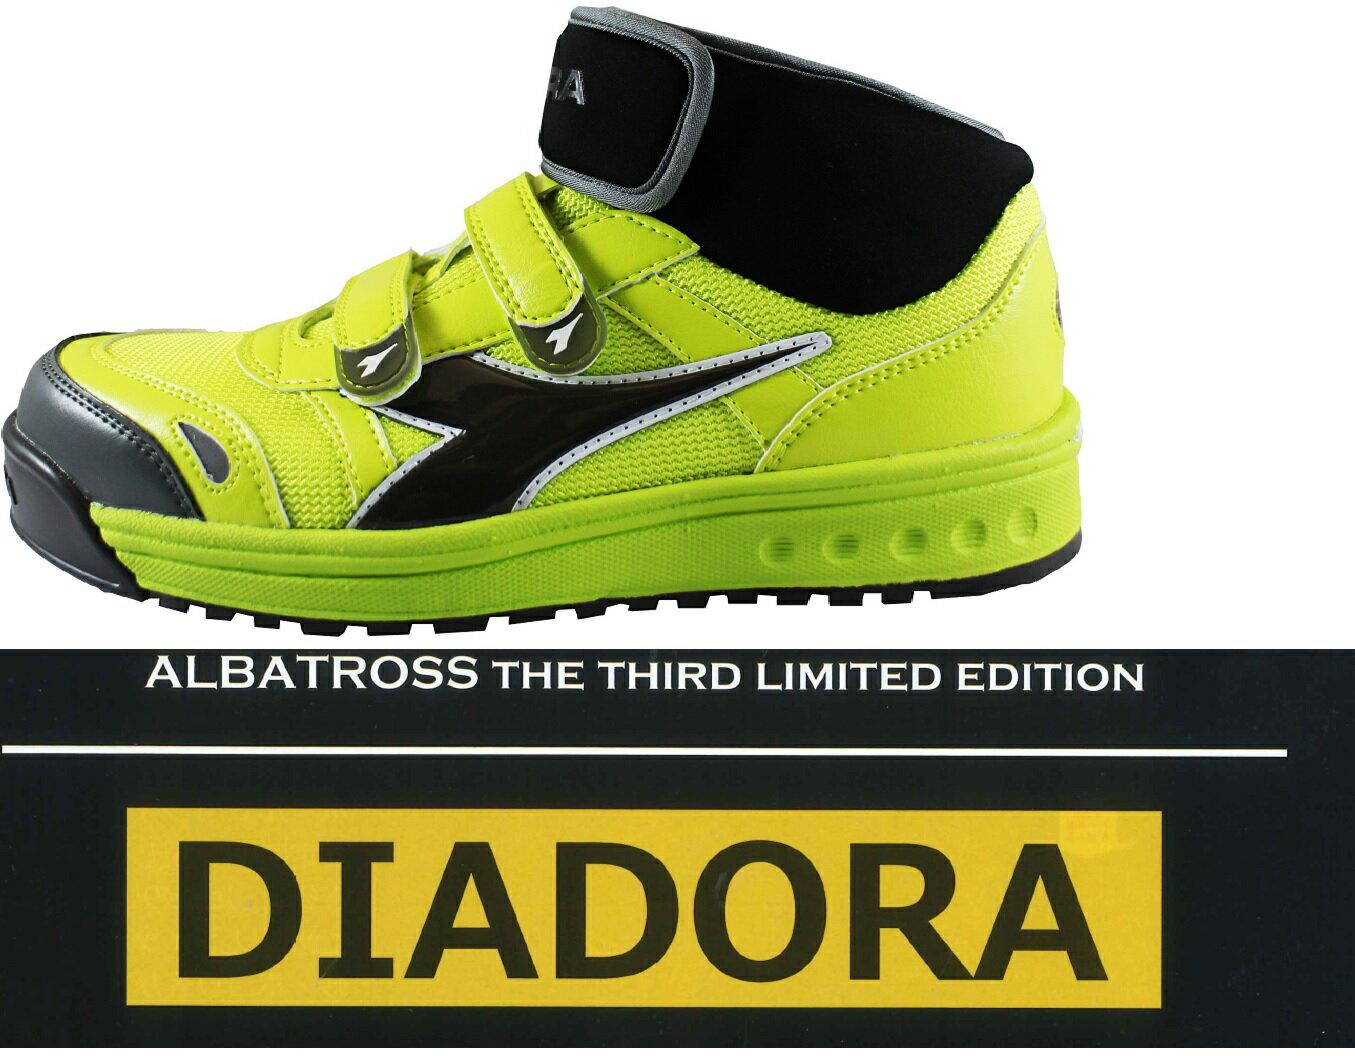 2018!限定 DIA DORA 限定 ハイカット アルバトロス 超軽量 安全靴 AT-522C AT-112C AT-442C AT-812C ディアドラ ミドルカット!メッシュ24.5〜29cm